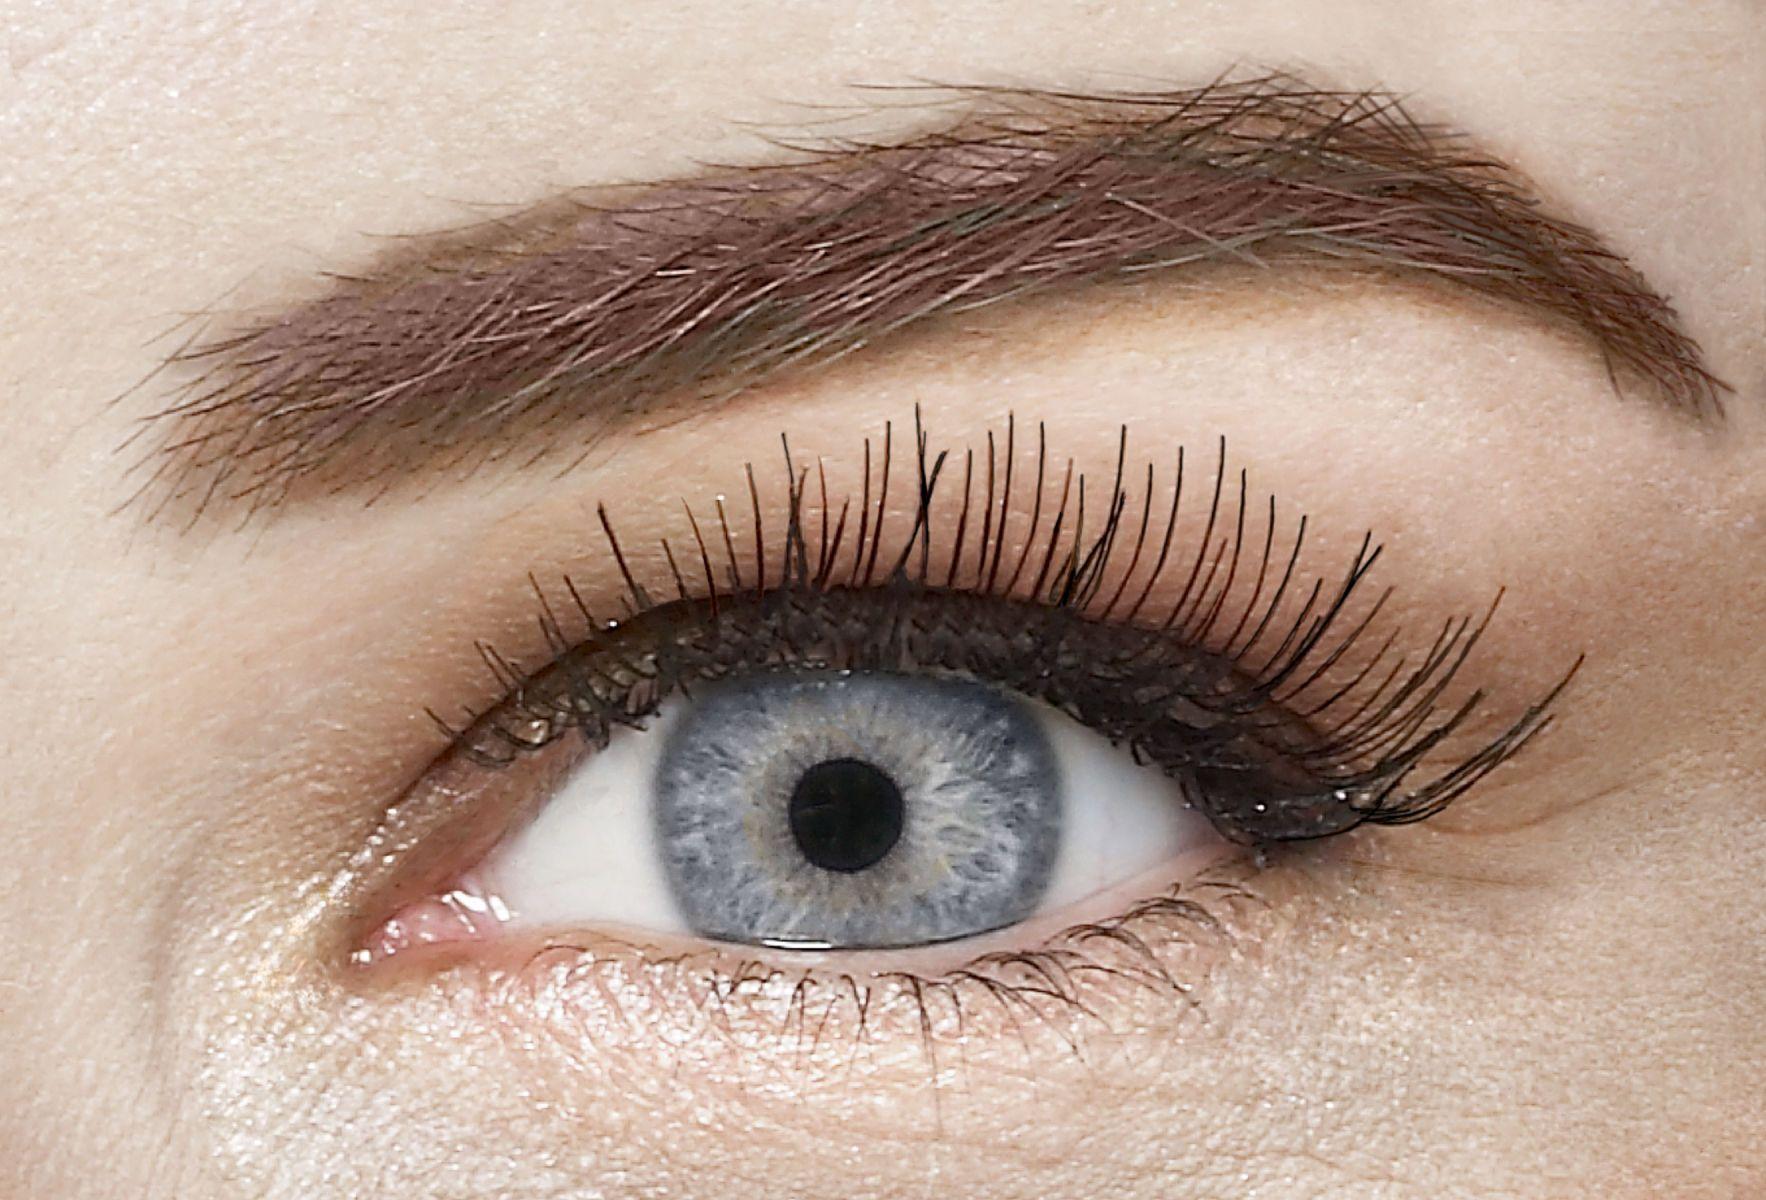 Daytime eye